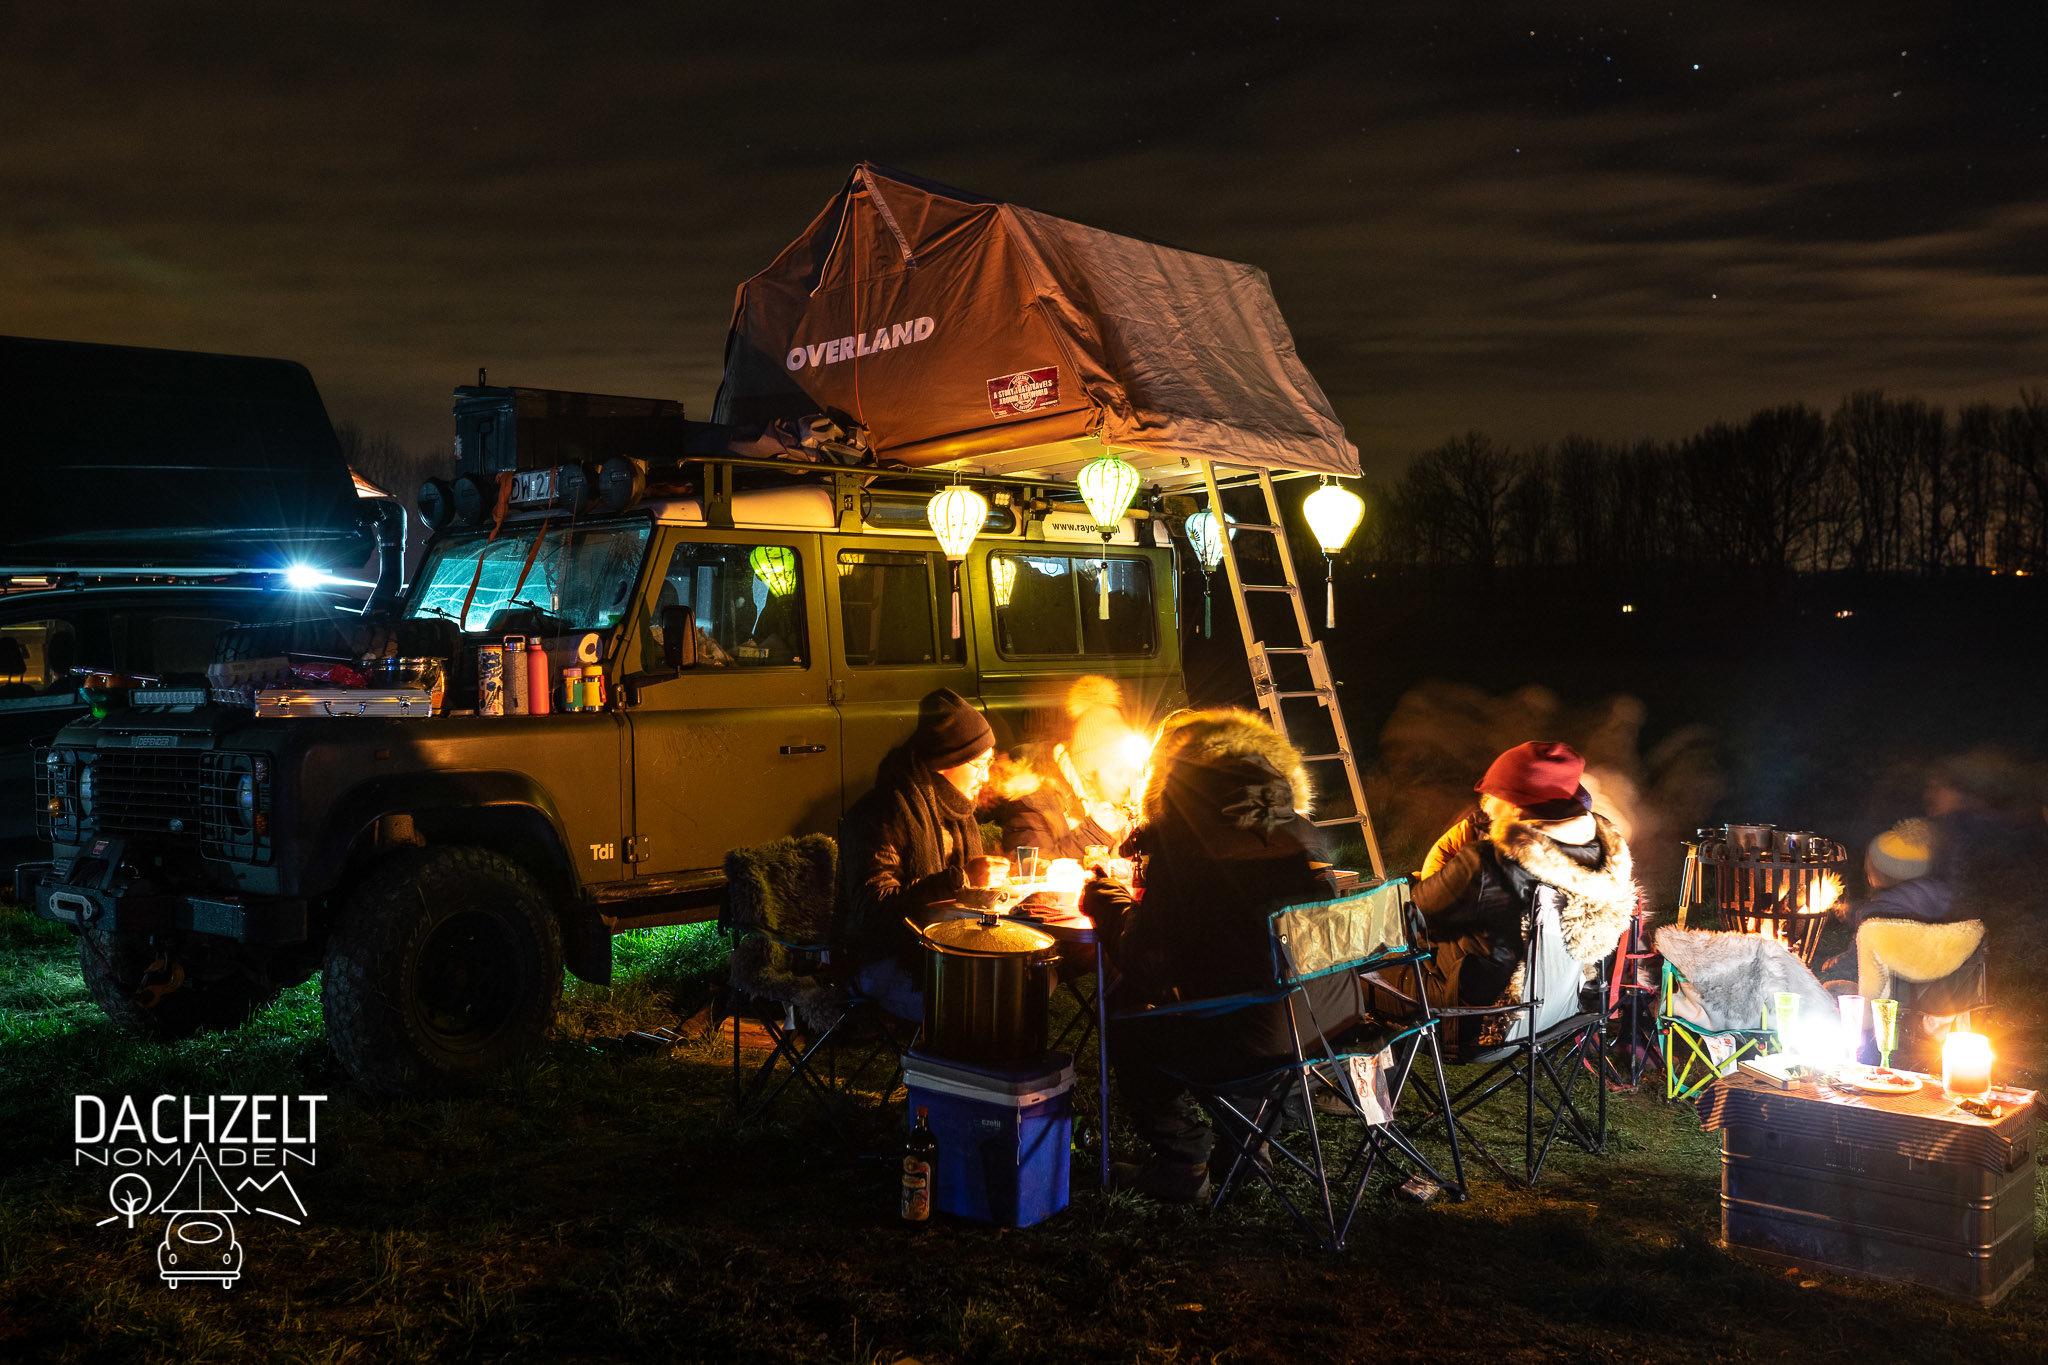 20191231-DACHZELT-SILVESTER-CAMP-Diana-Schandwinkel--91-Camp